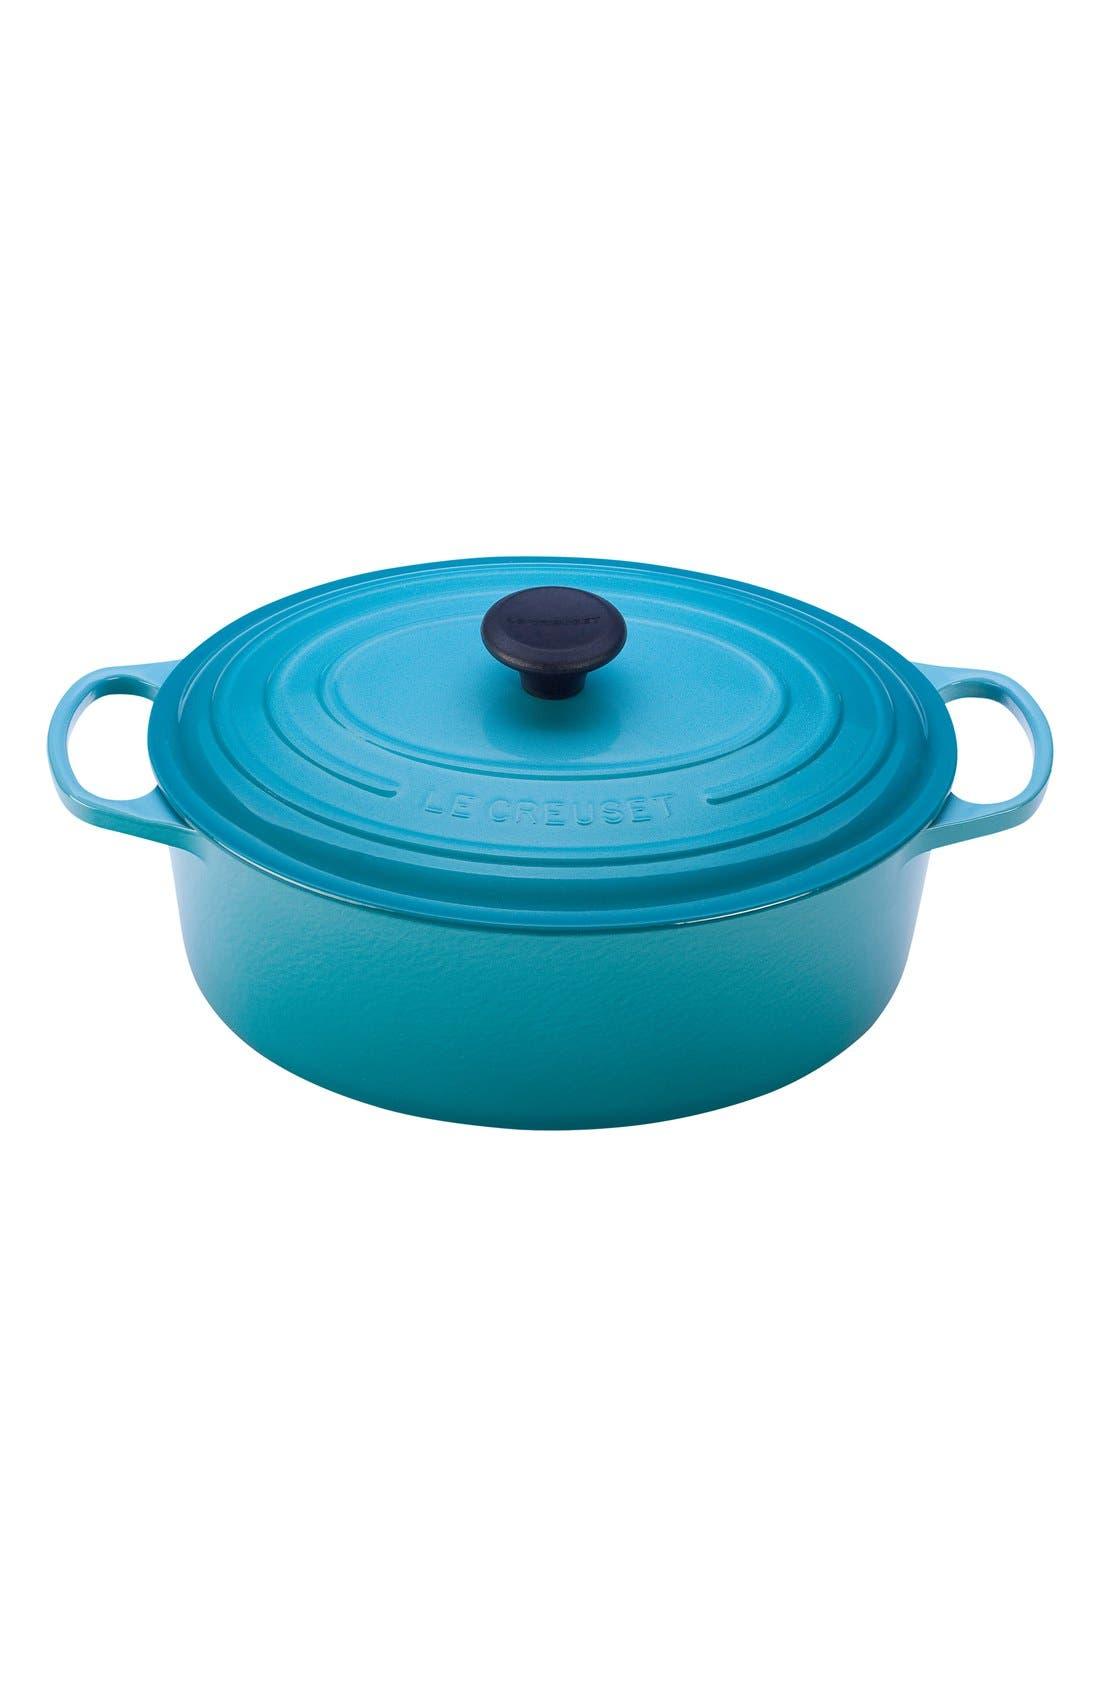 le creuset 7 5 quart dutch oven cookware le creuset signature quart oval enamel cast iron frenchdutch oven cookware nordstrom